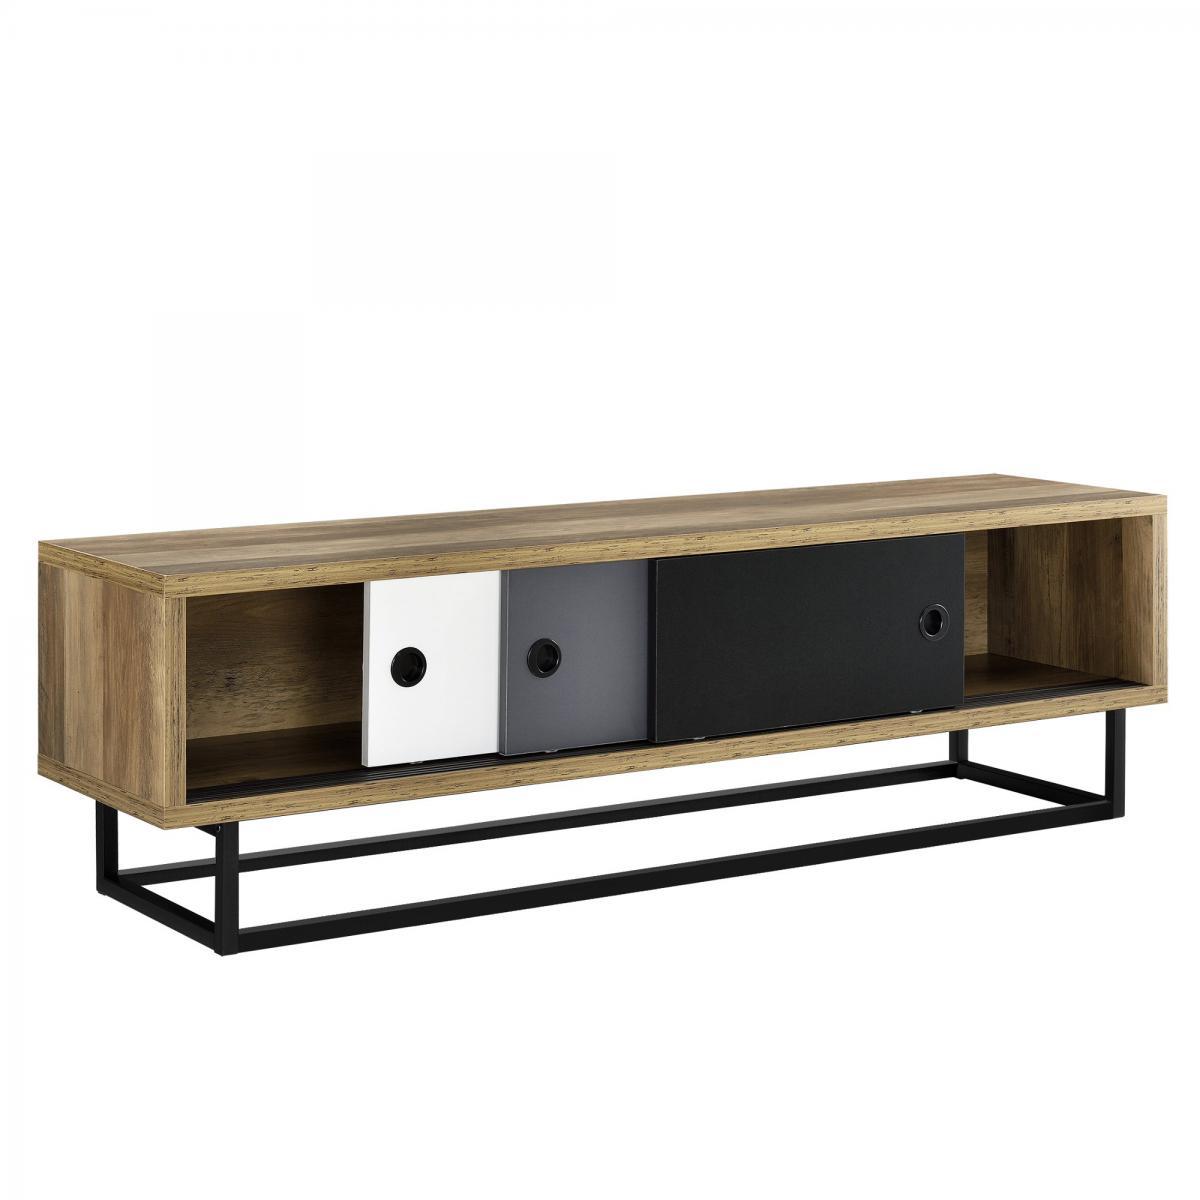 Helloshop26 Meuble TV avec 3 tiroirs 140 cm multicolore noir blanc gris marron 03_0002866